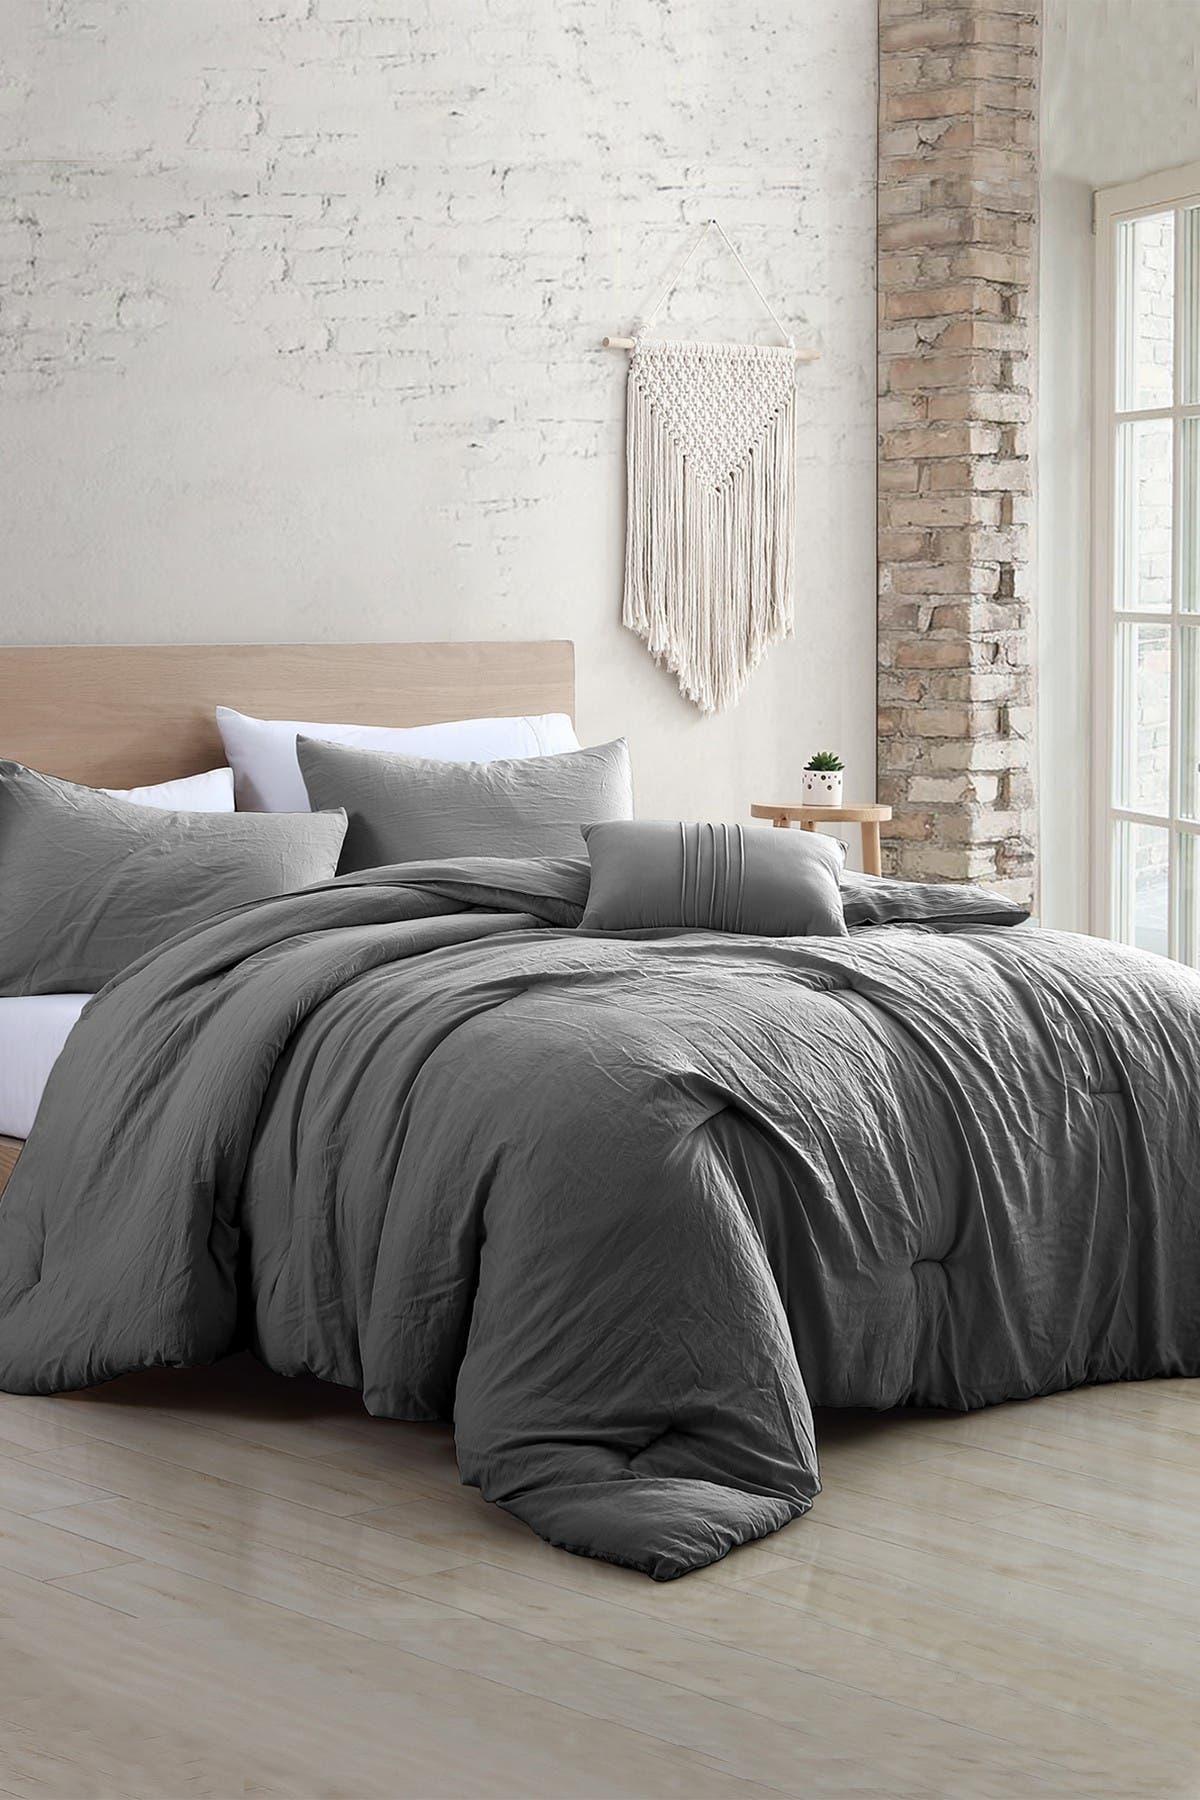 Modern Threads 4 Piece Garment Washed Comforter Set Beck Grey King Nordstrom Rack